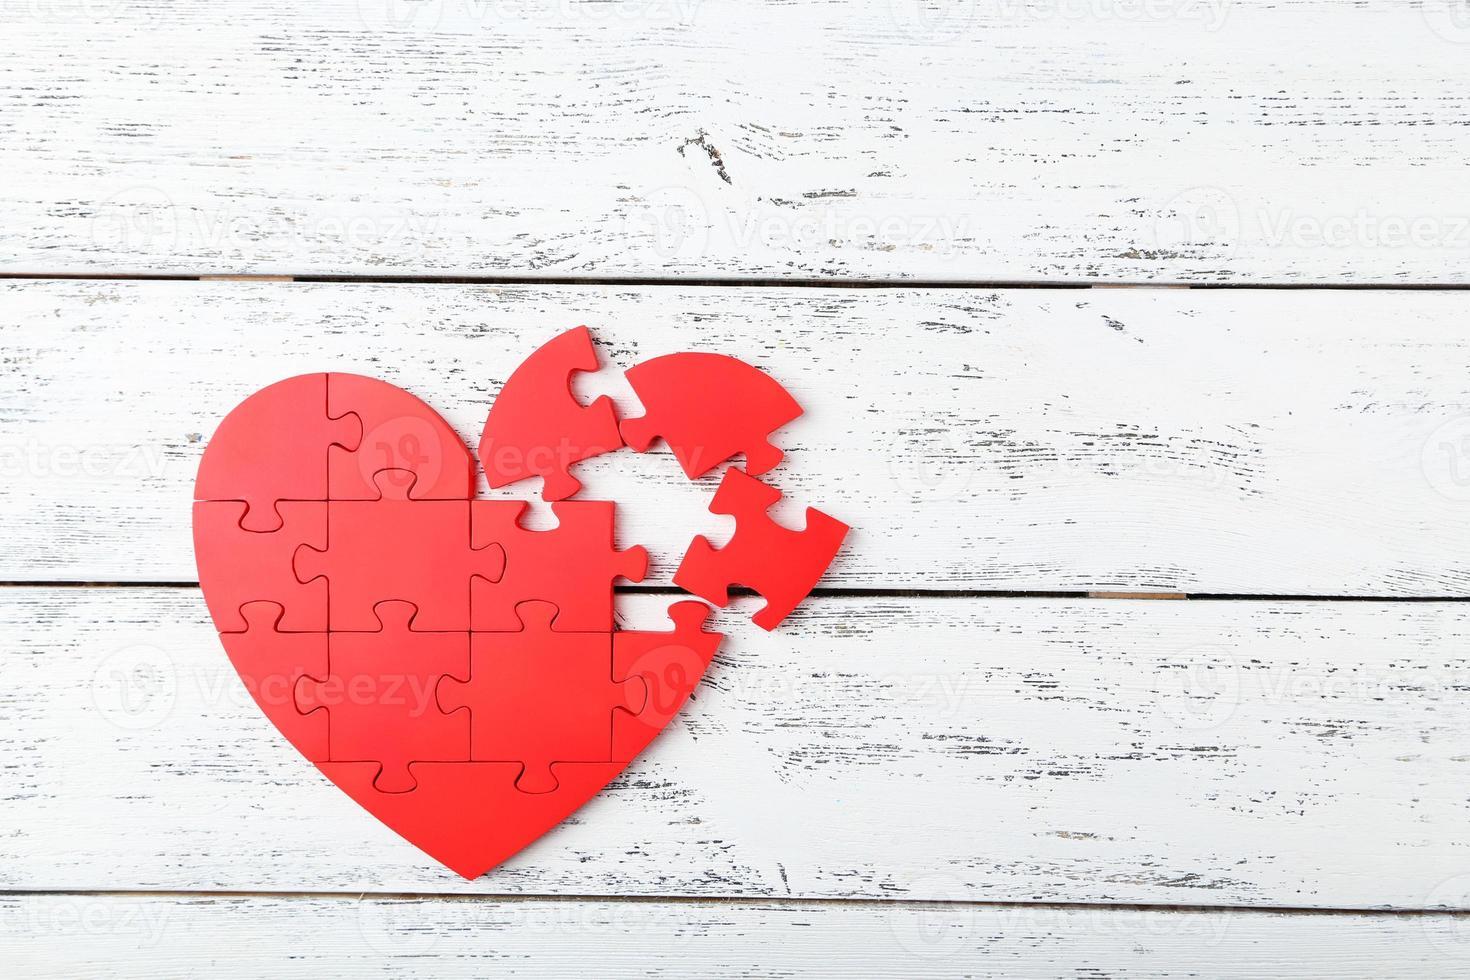 Corazón de rompecabezas rojo sobre fondo blanco de madera foto